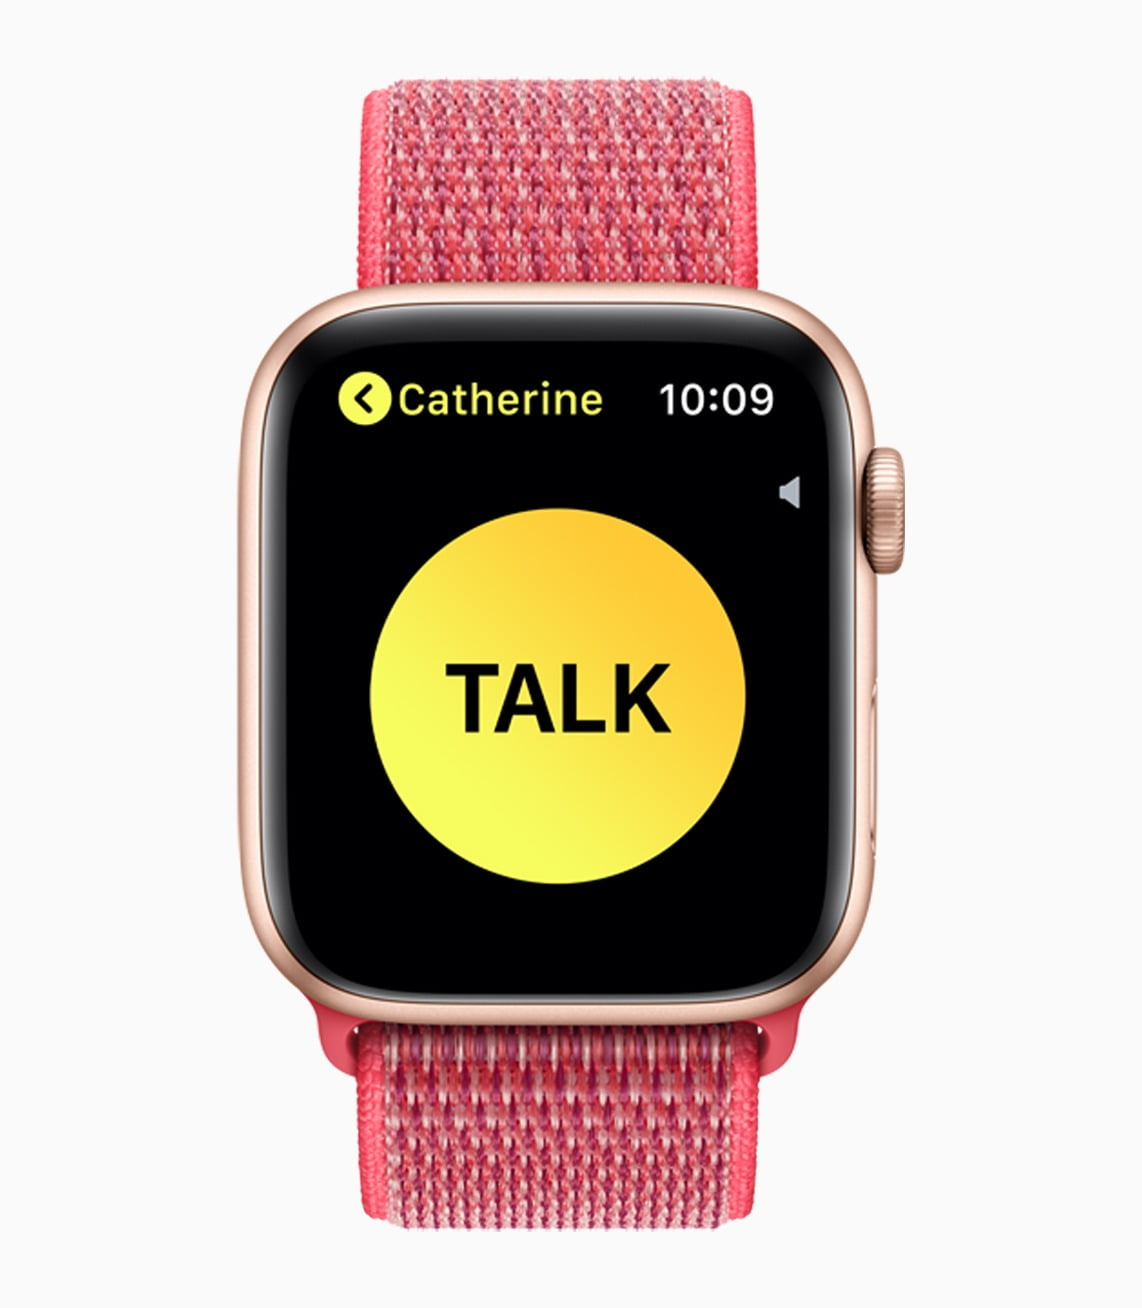 Apple Watch Series4 Walkie Talkie 09122018